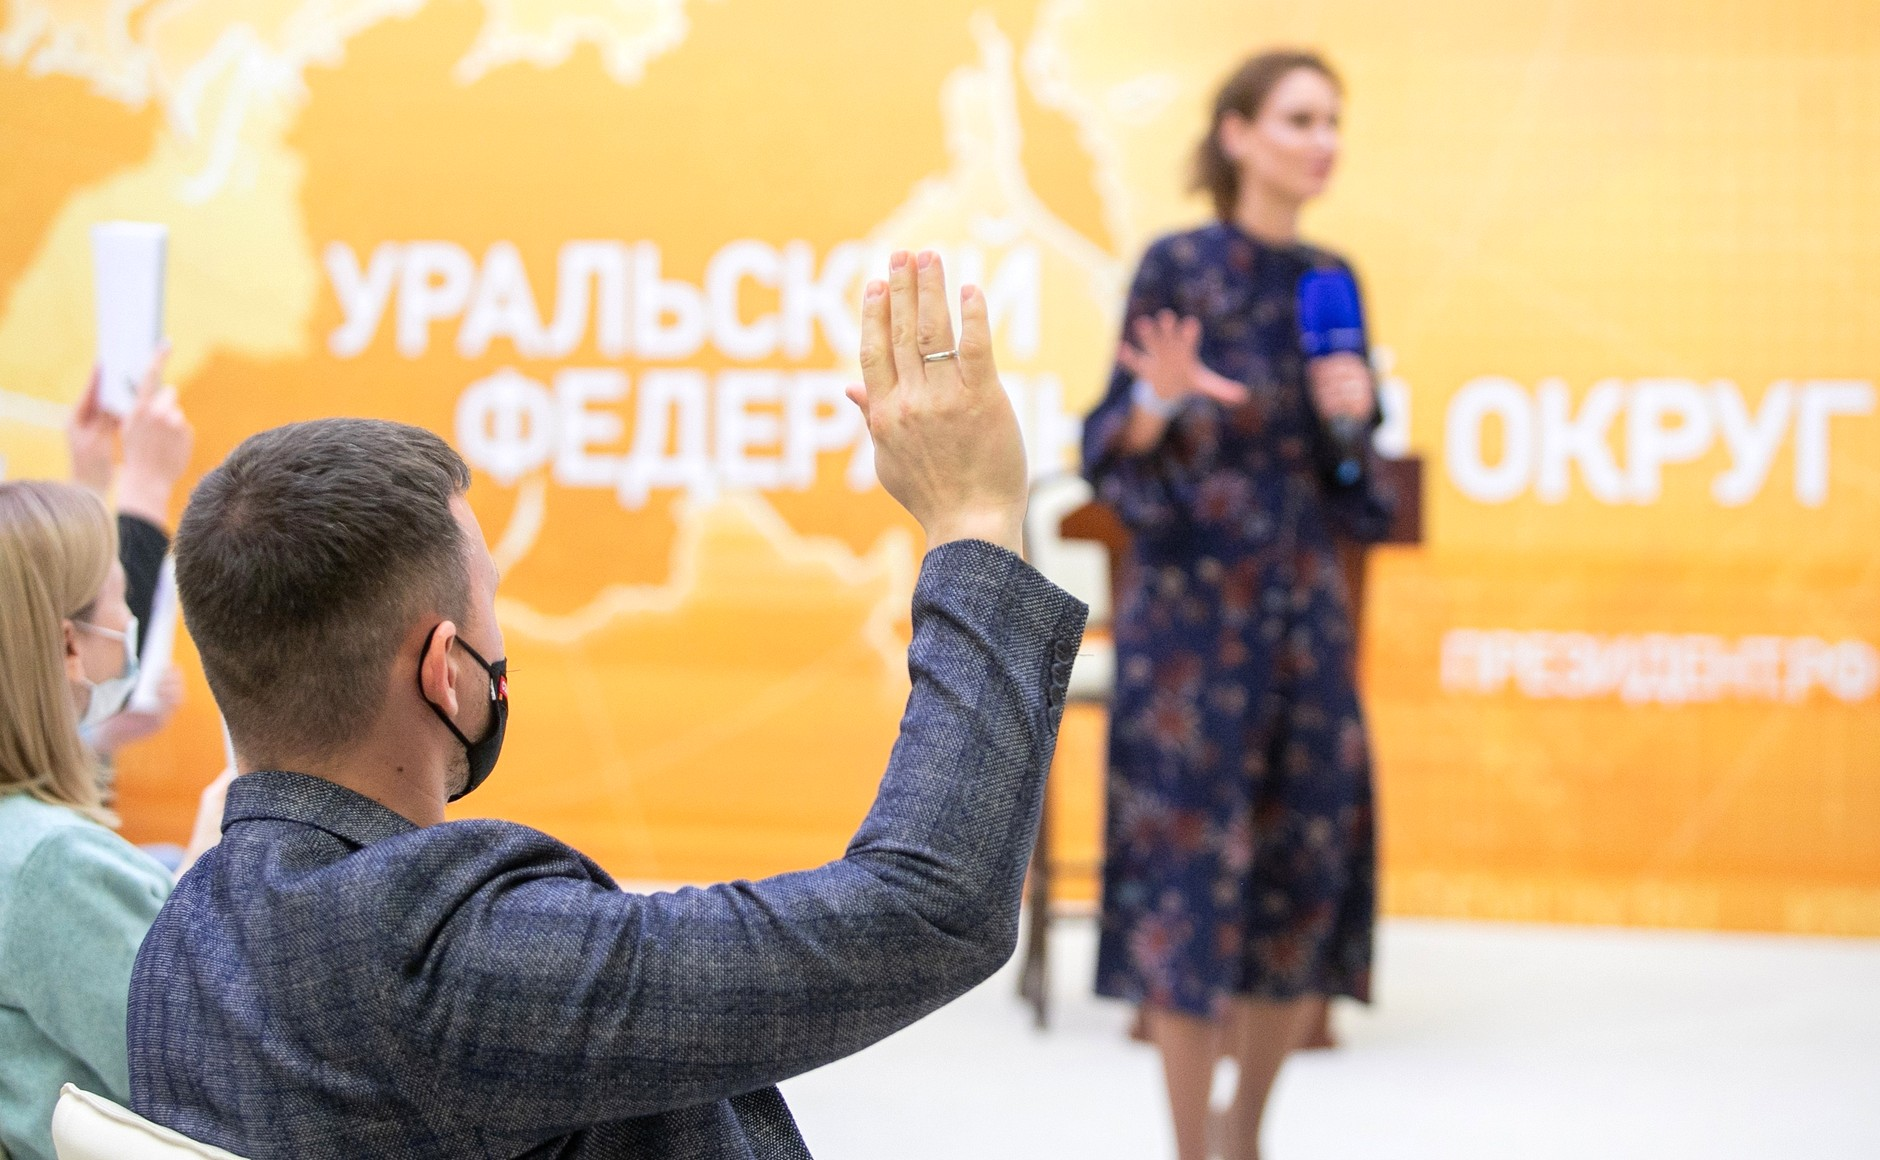 RUSSIE 17.12.2020.CONFERENCE 28 XX 66 Avant le début de la conférence de presse annuelle de Vladimir Poutine.